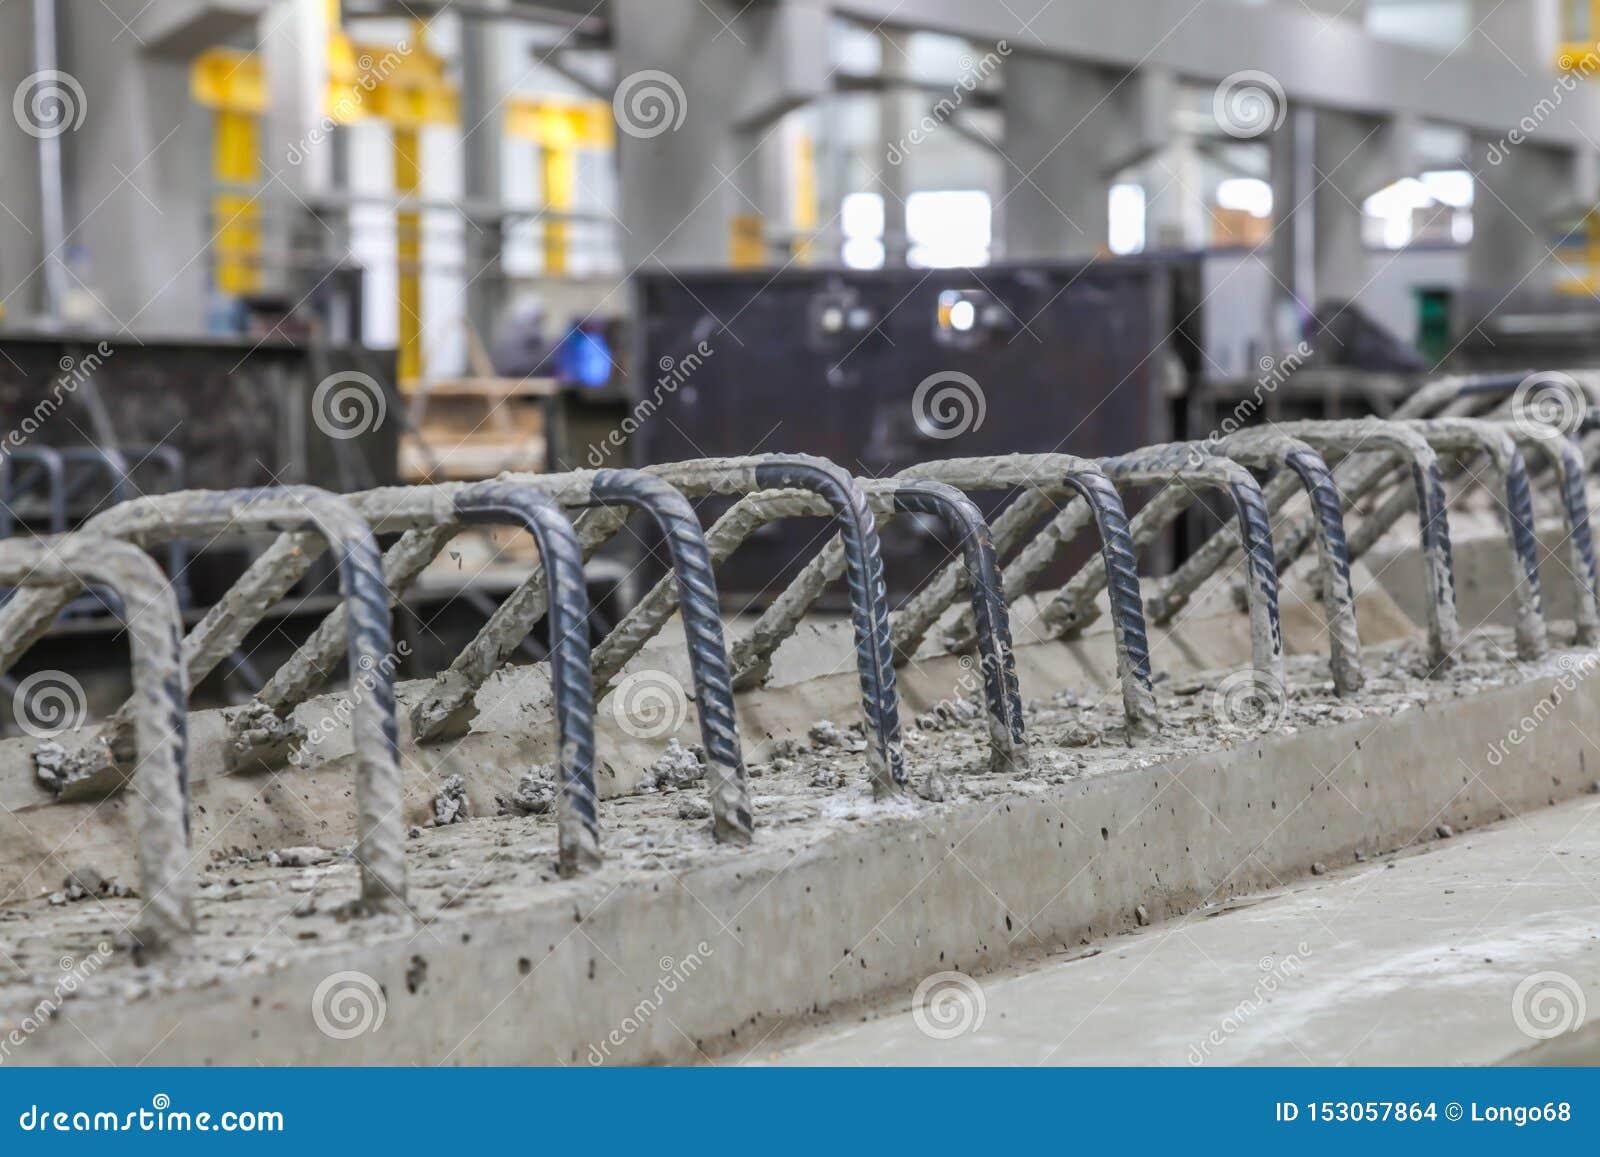 Nahes hohes Bild eines Fertigbetonstrahls mit hervorragender Verstärkung in einer Vorgußproduktionsanlage